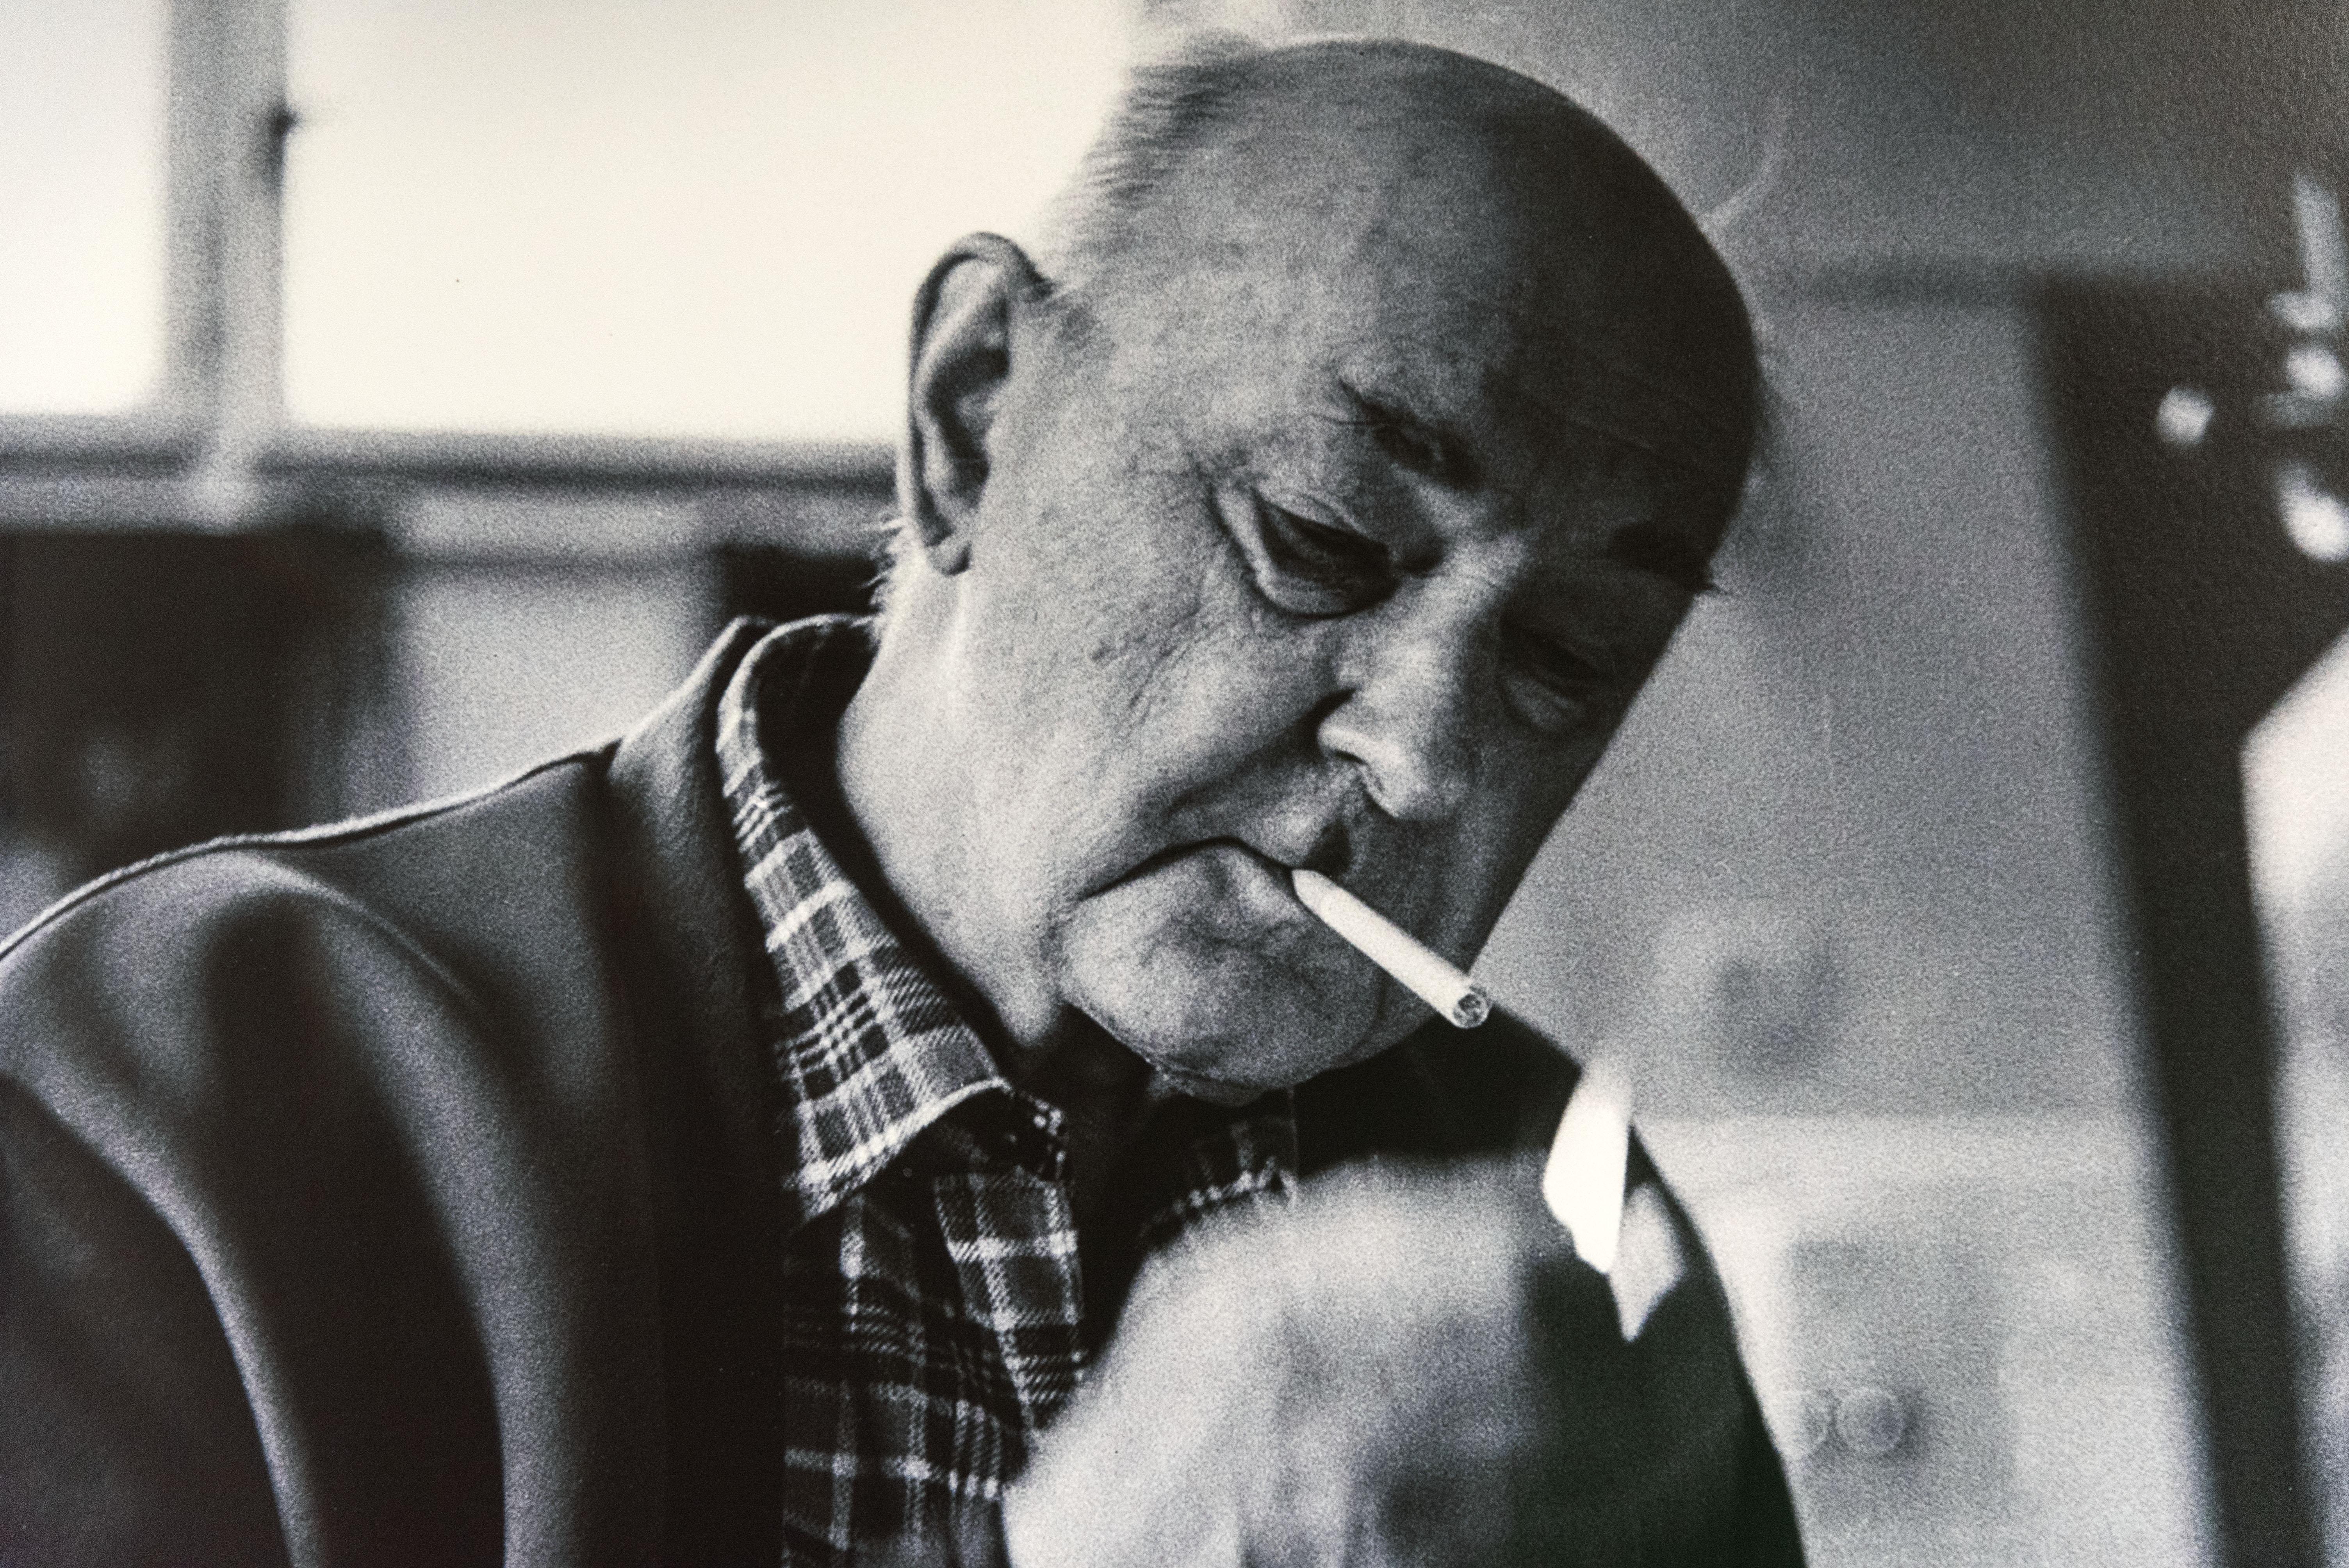 Zdeněk Burian provází Širým světem dobrodružství a fantazie